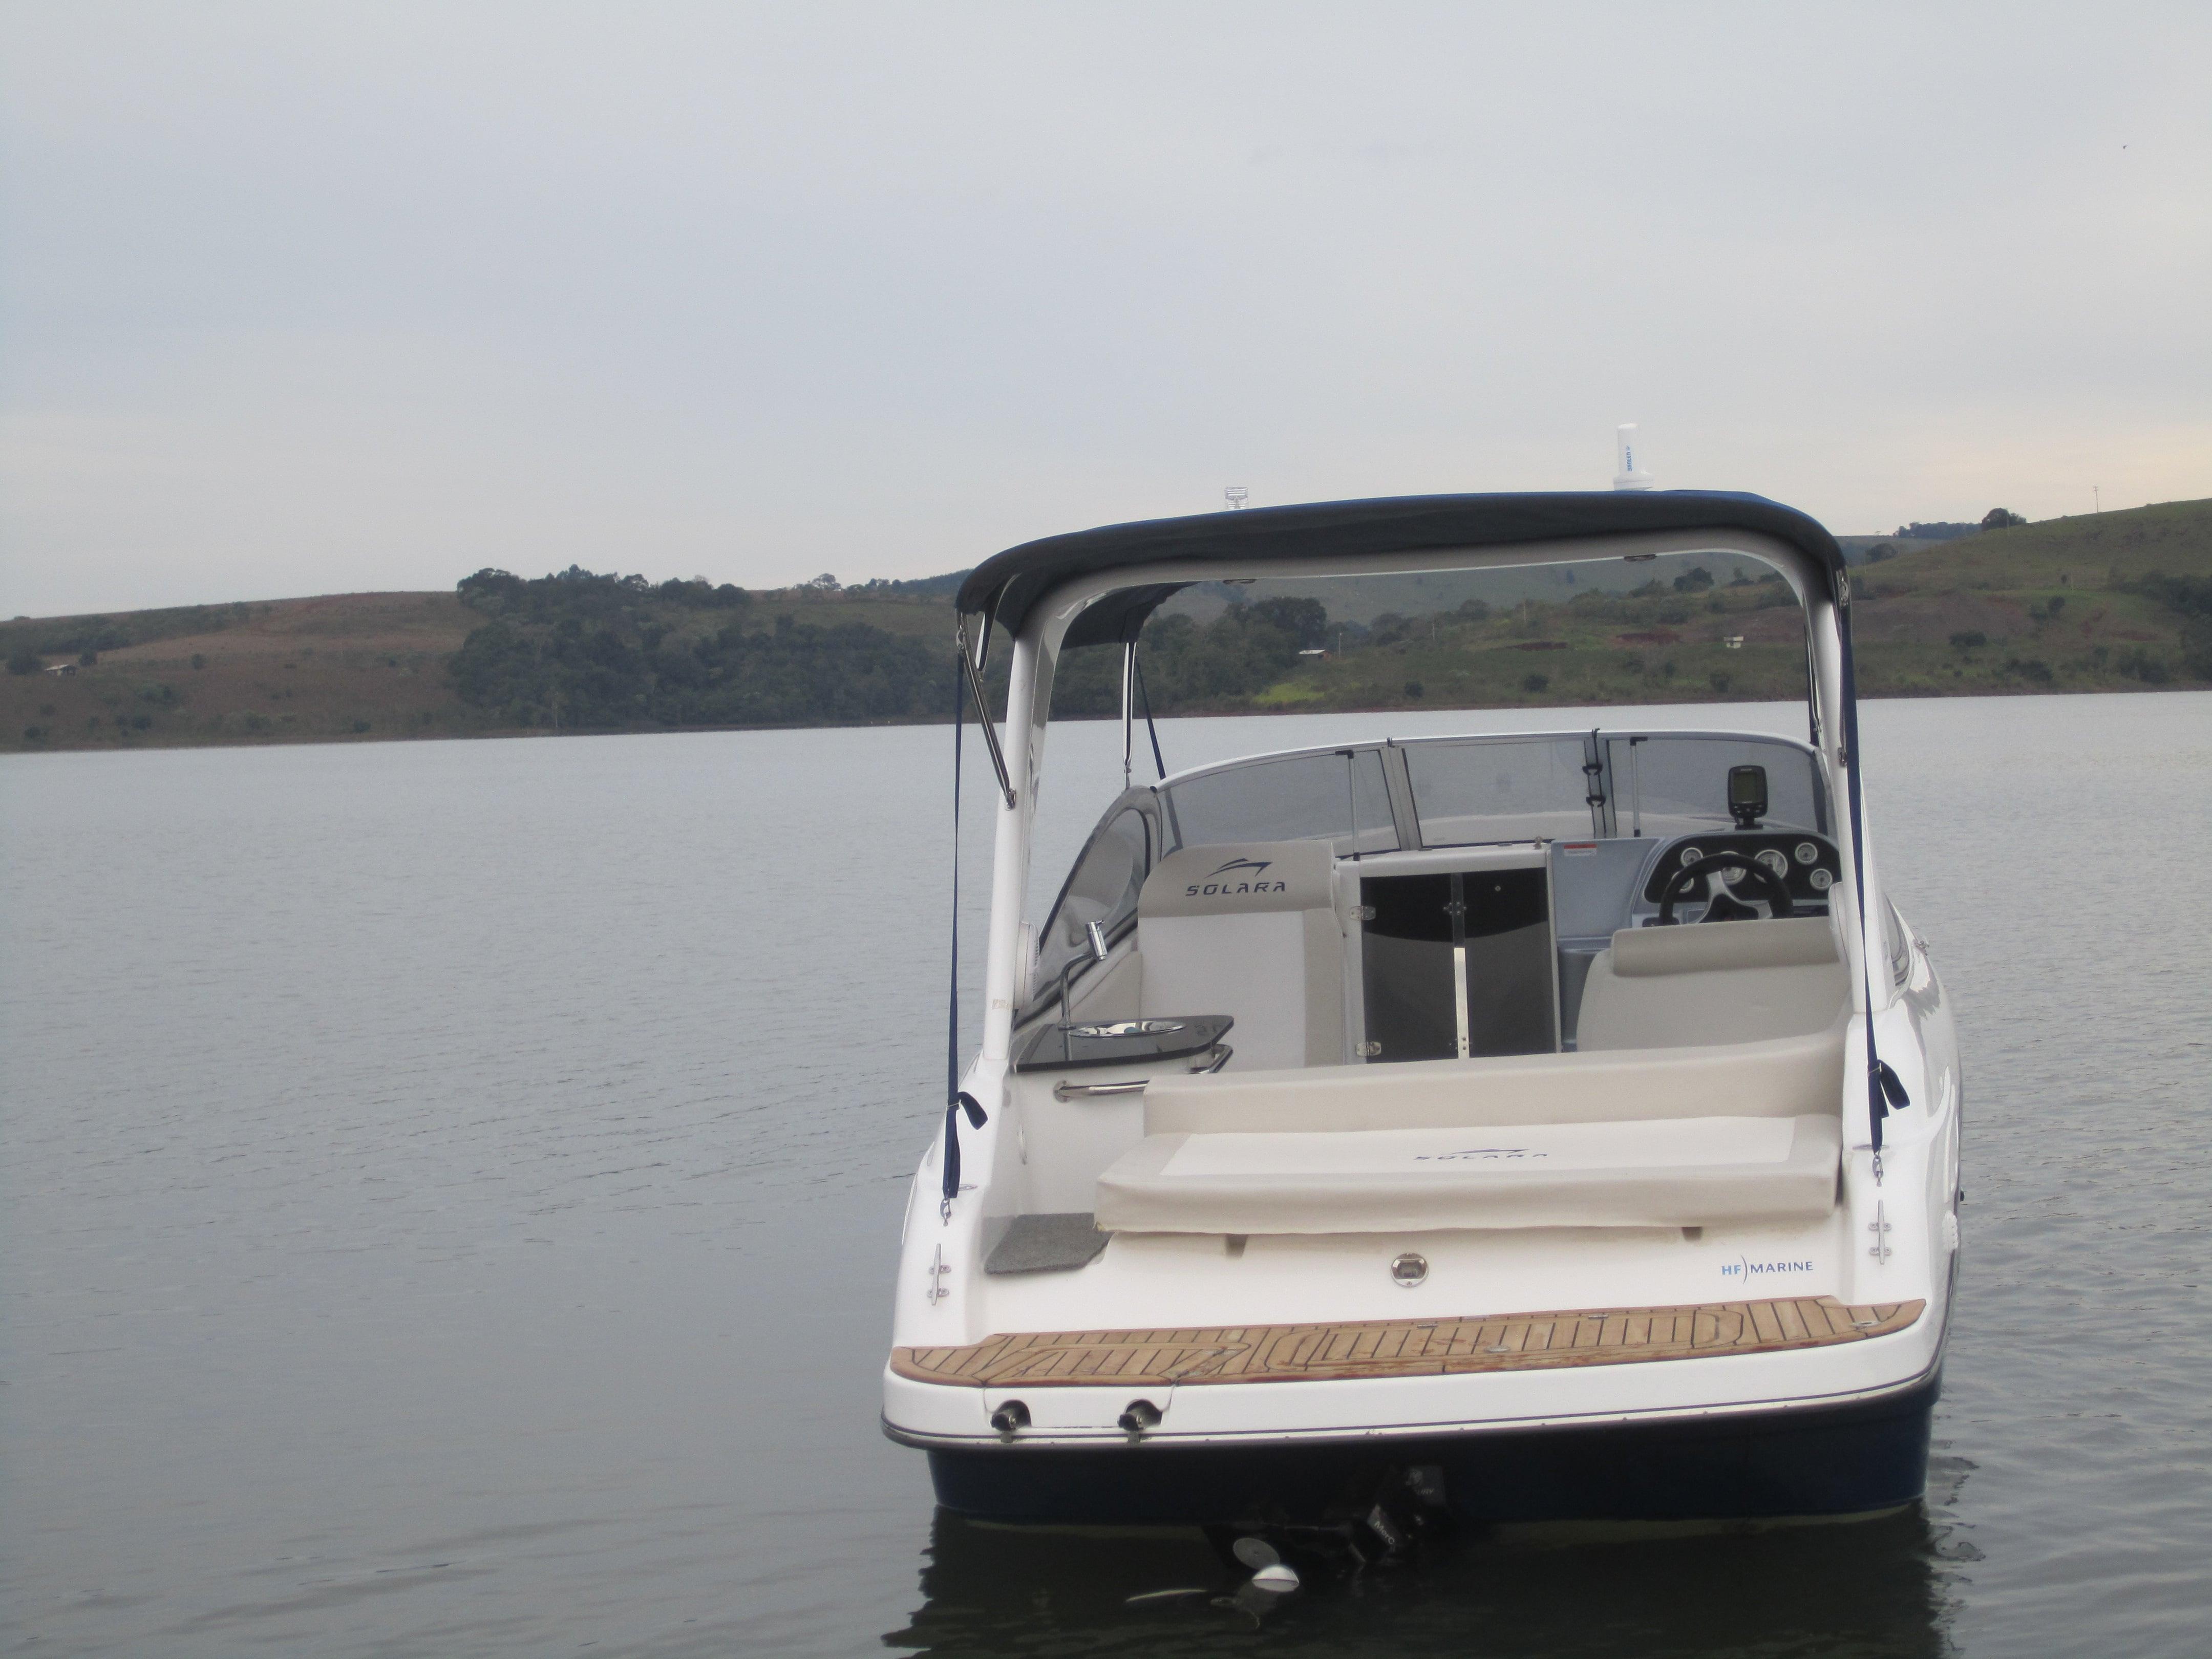 Solara 230 Cabin